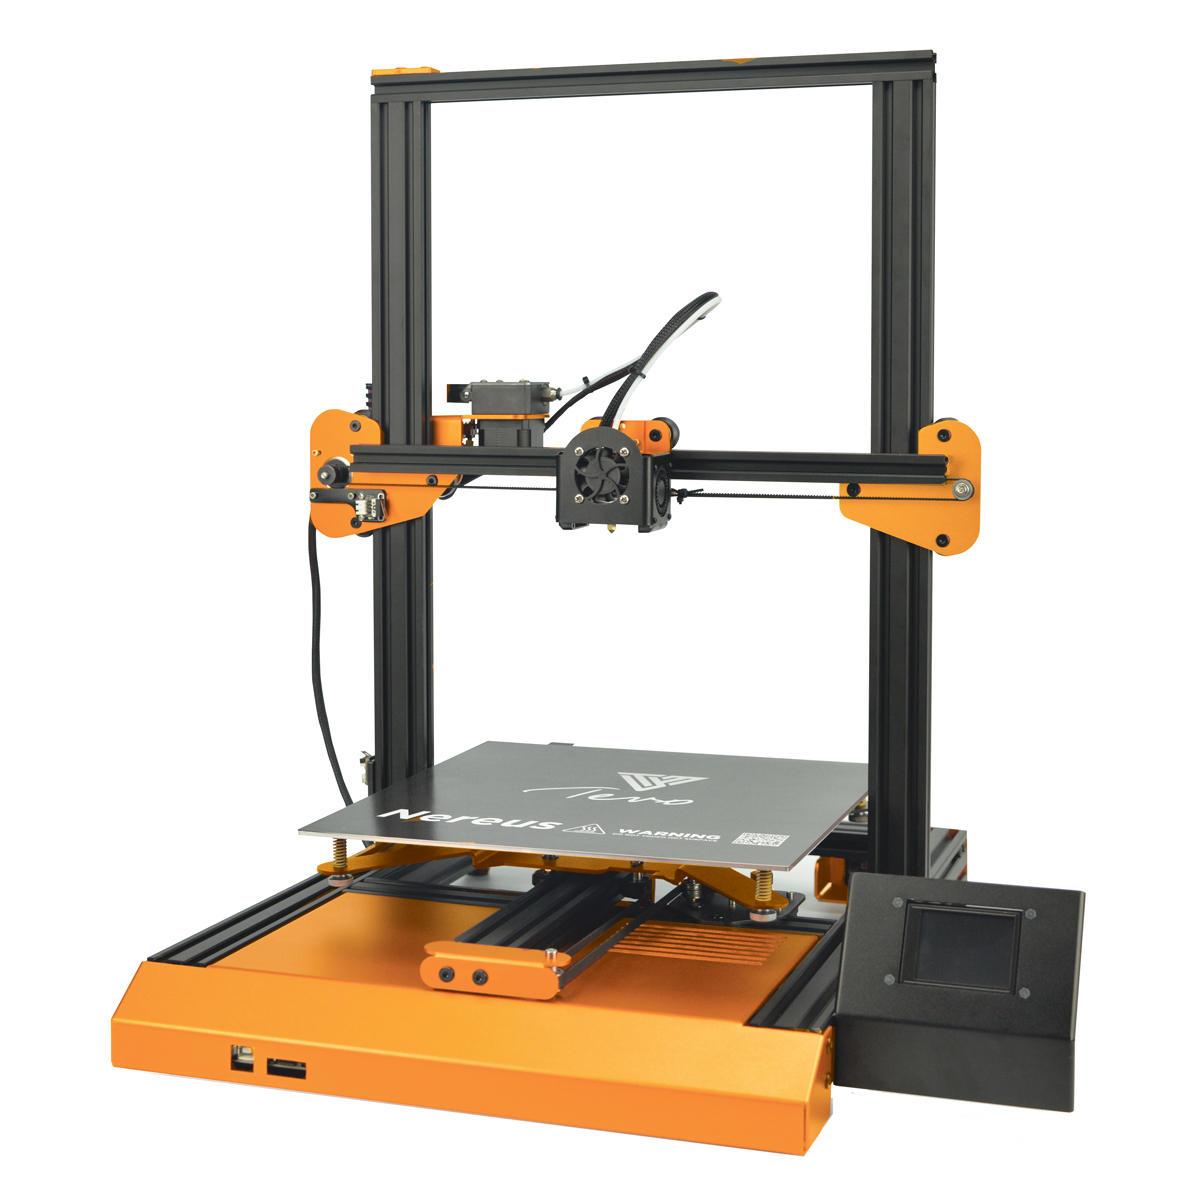 TEVO® Nereus Basic 3D Yazıcı Kit 320 * 320 * 400mm Baskı Boyutu Destek Filament Algılama / Özgeçmiş Dokunmatik Ekranla Yazdır